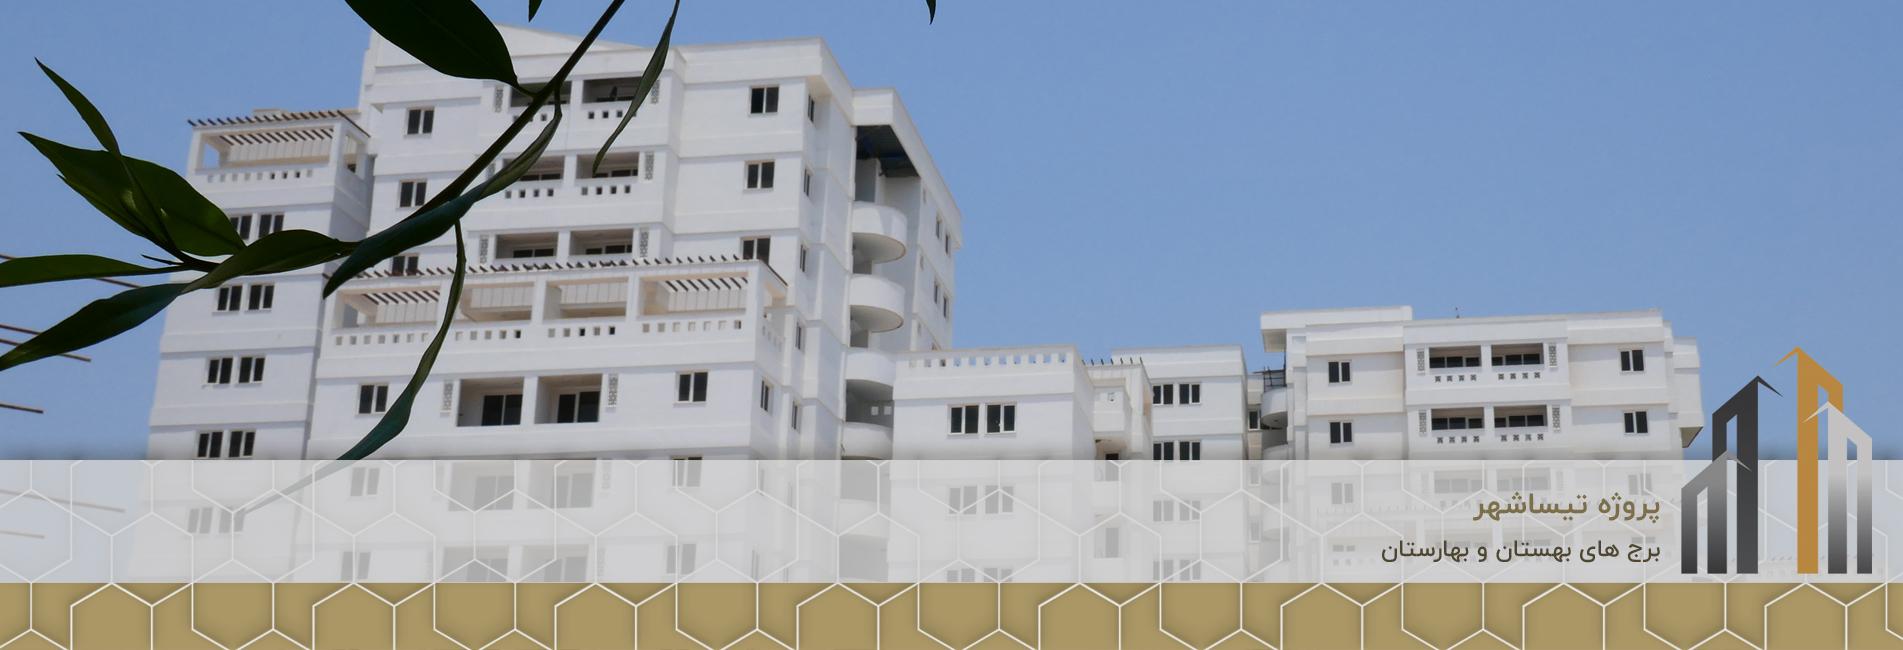 پروژه مسکونی تیسا شهر